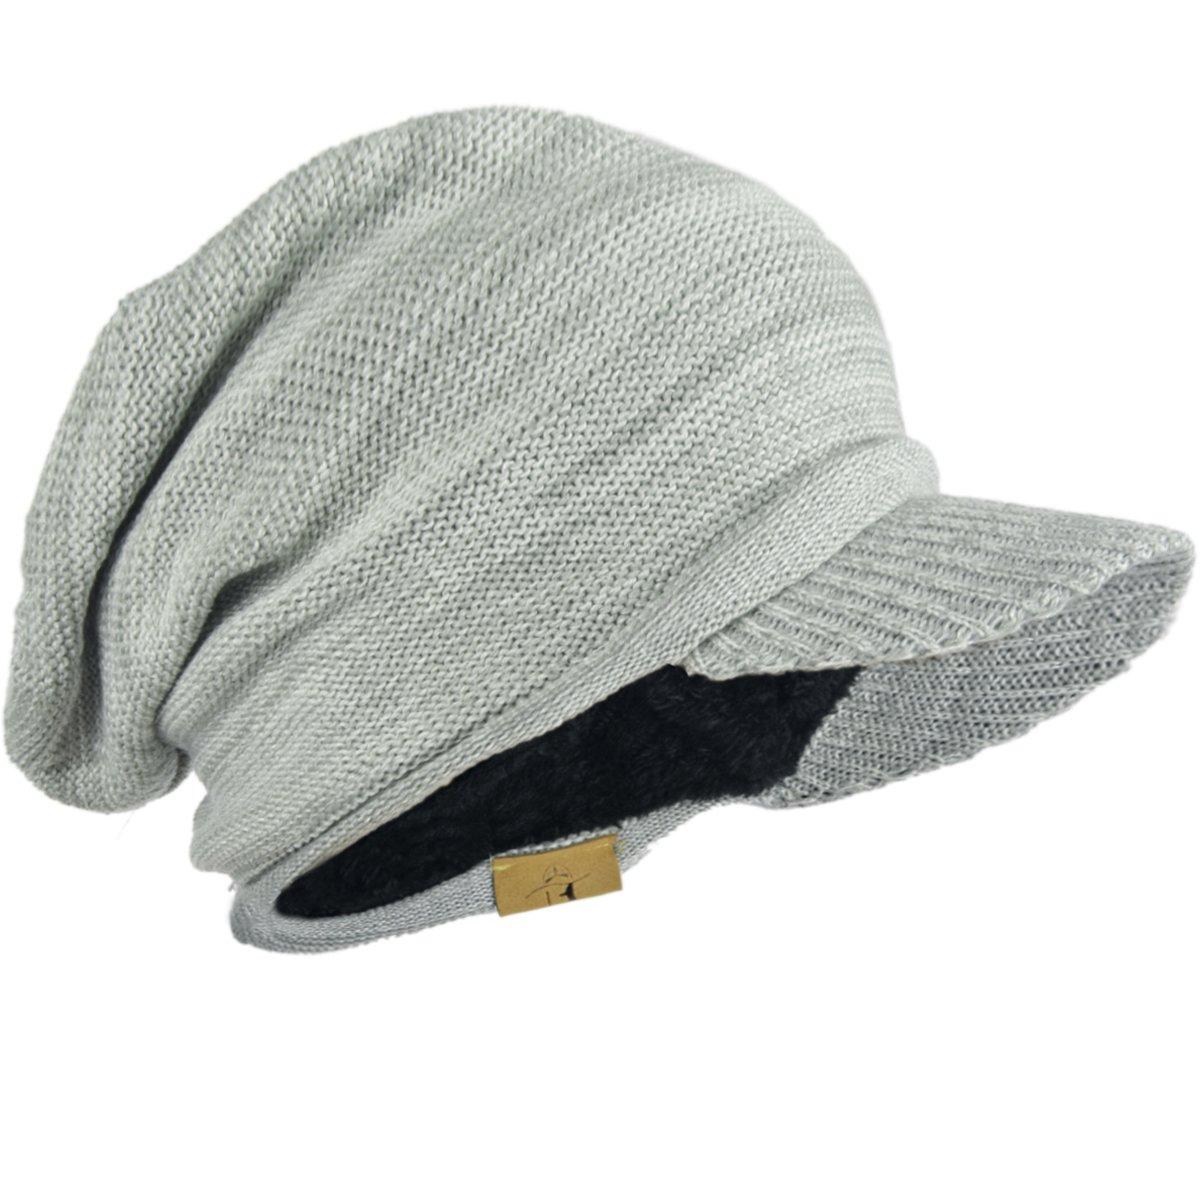 FORBUSITE Men Knit Visor Beanie Hat for Winter B322-Khaki-319